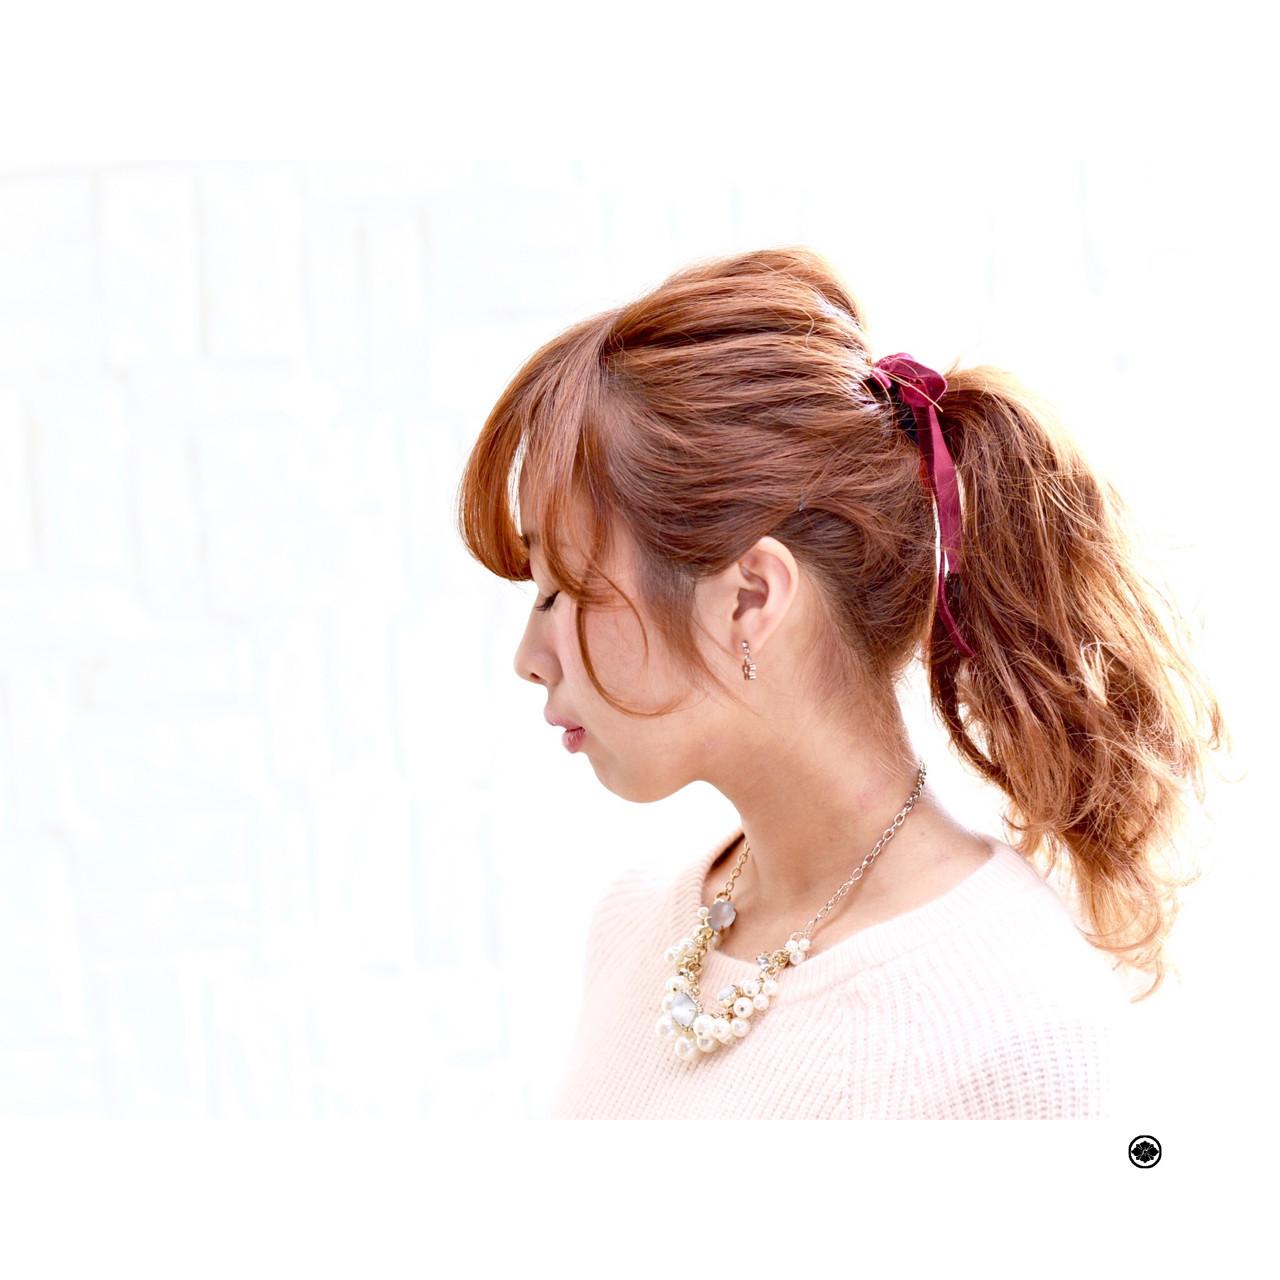 簡単可愛い♡周りと差をつけるポニーテールのやり方教えちゃいます! 中野 裕介/jap international